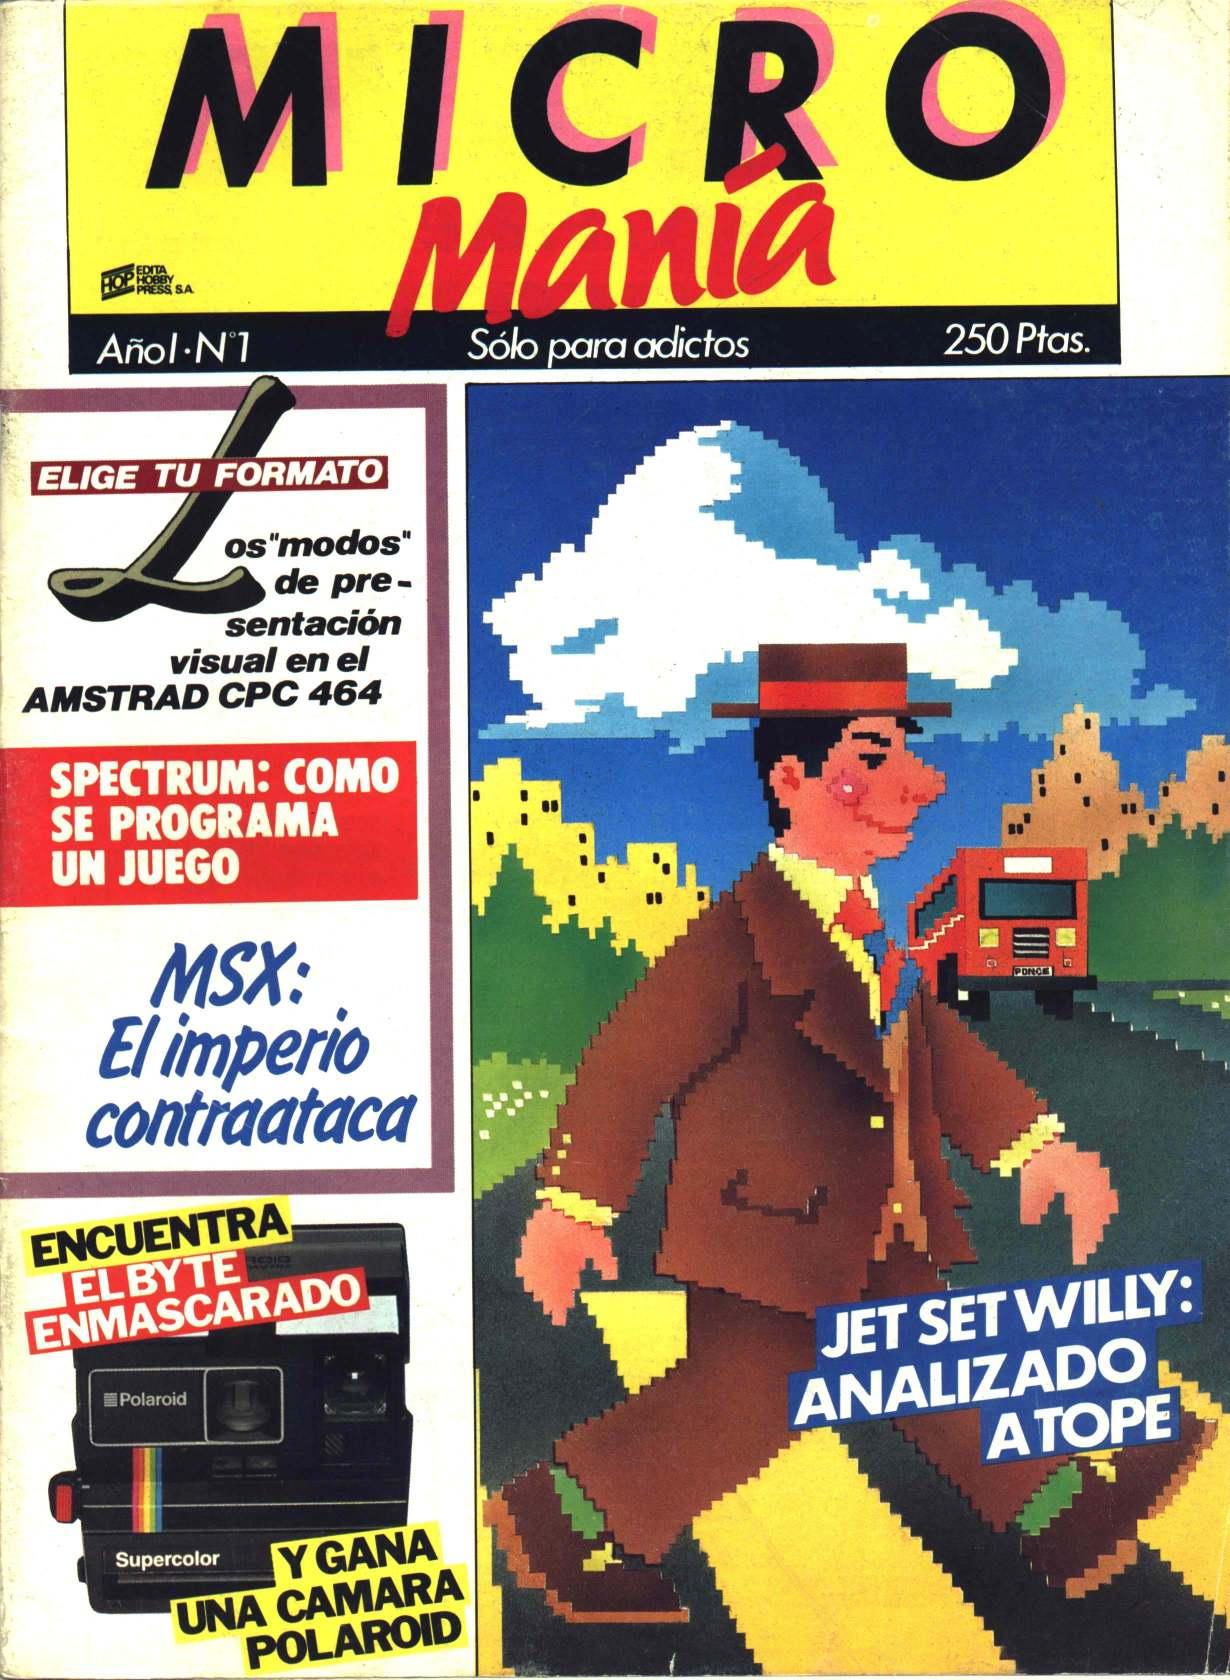 Micromanía, más de 400 números gratis de la revista española